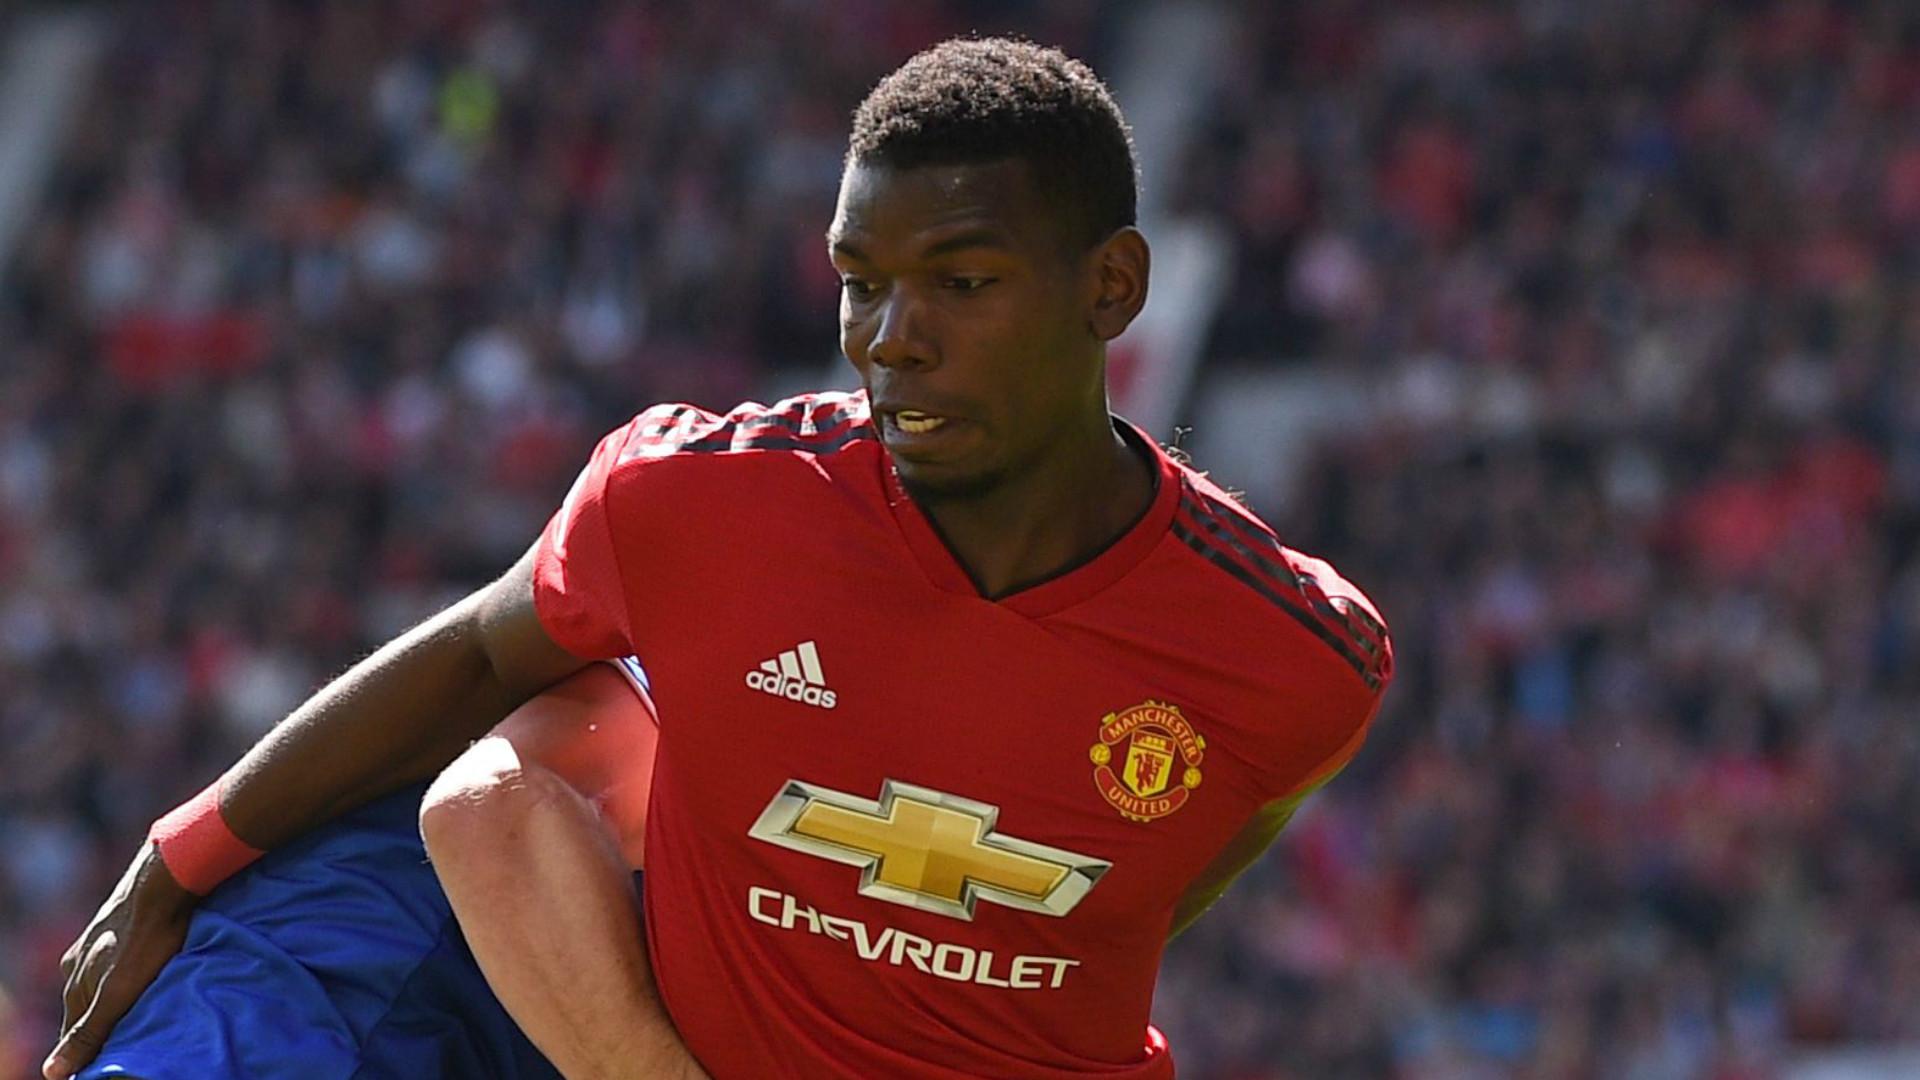 Manchester United : Paul Pogba nouveau capitaine la saison prochaine ?